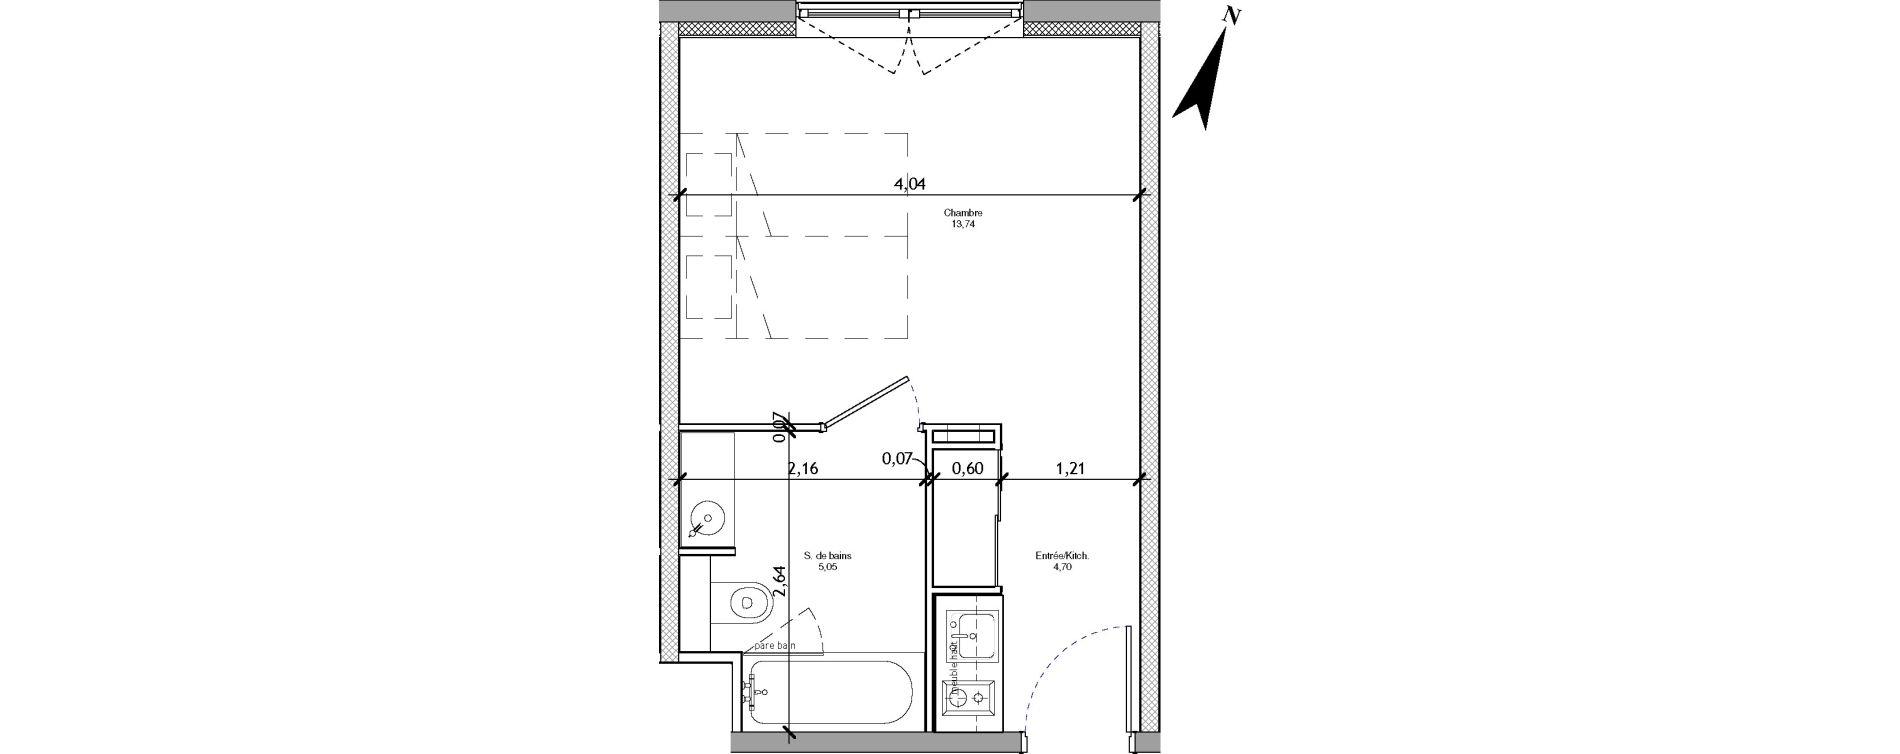 Appartement T1 meublé de 23,49 m2 à Angers La fayette-eble